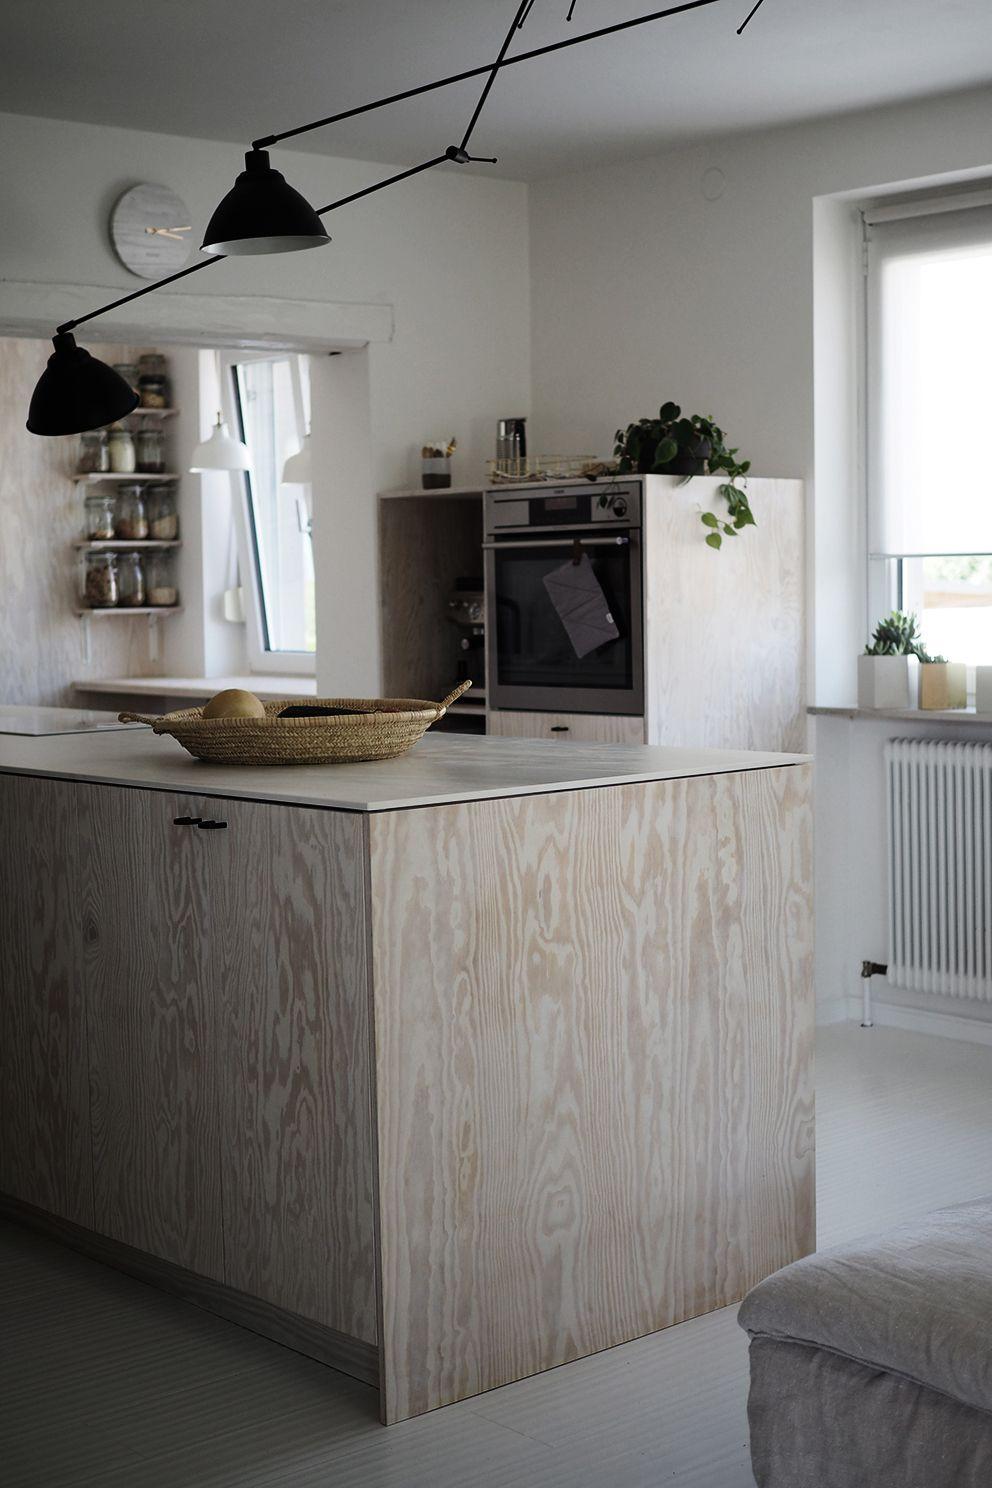 Unsere DIY-Küche aus Sperrholz:  Haus interieurs, Einbaumöbel